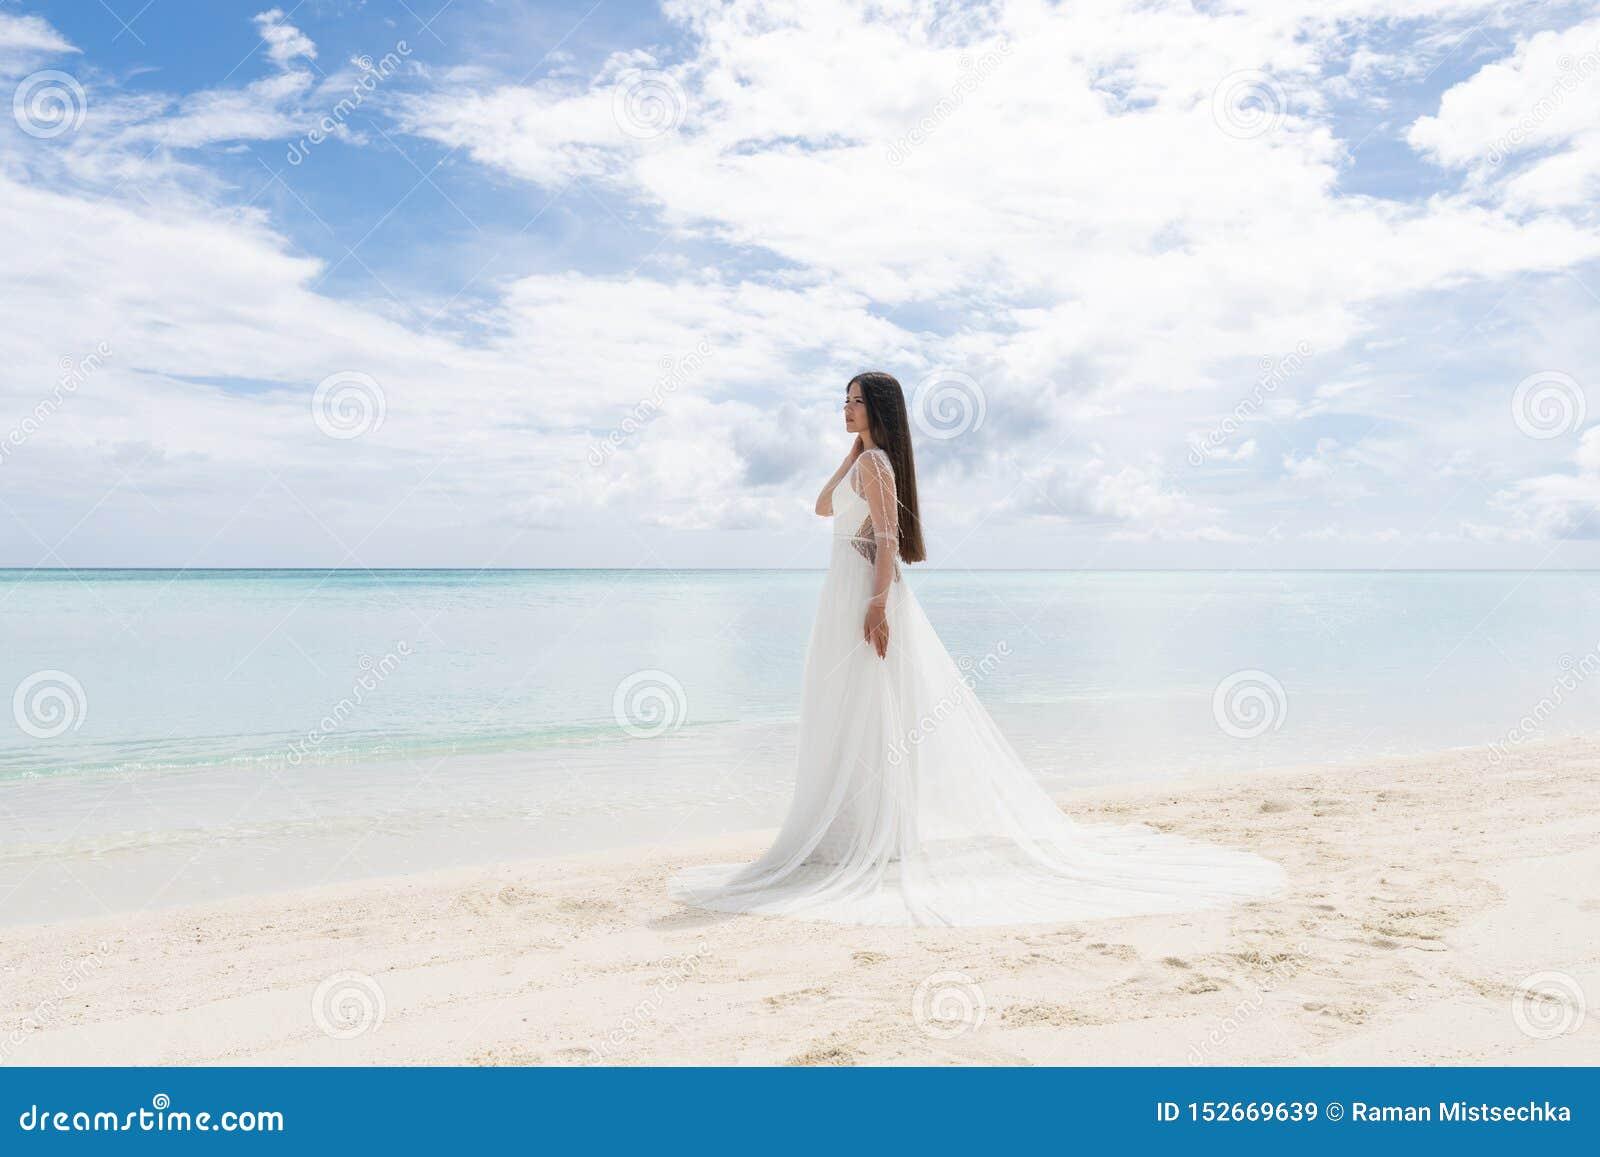 Den perfekta bruden En ung brud i en vit klänning står på en snövit strand